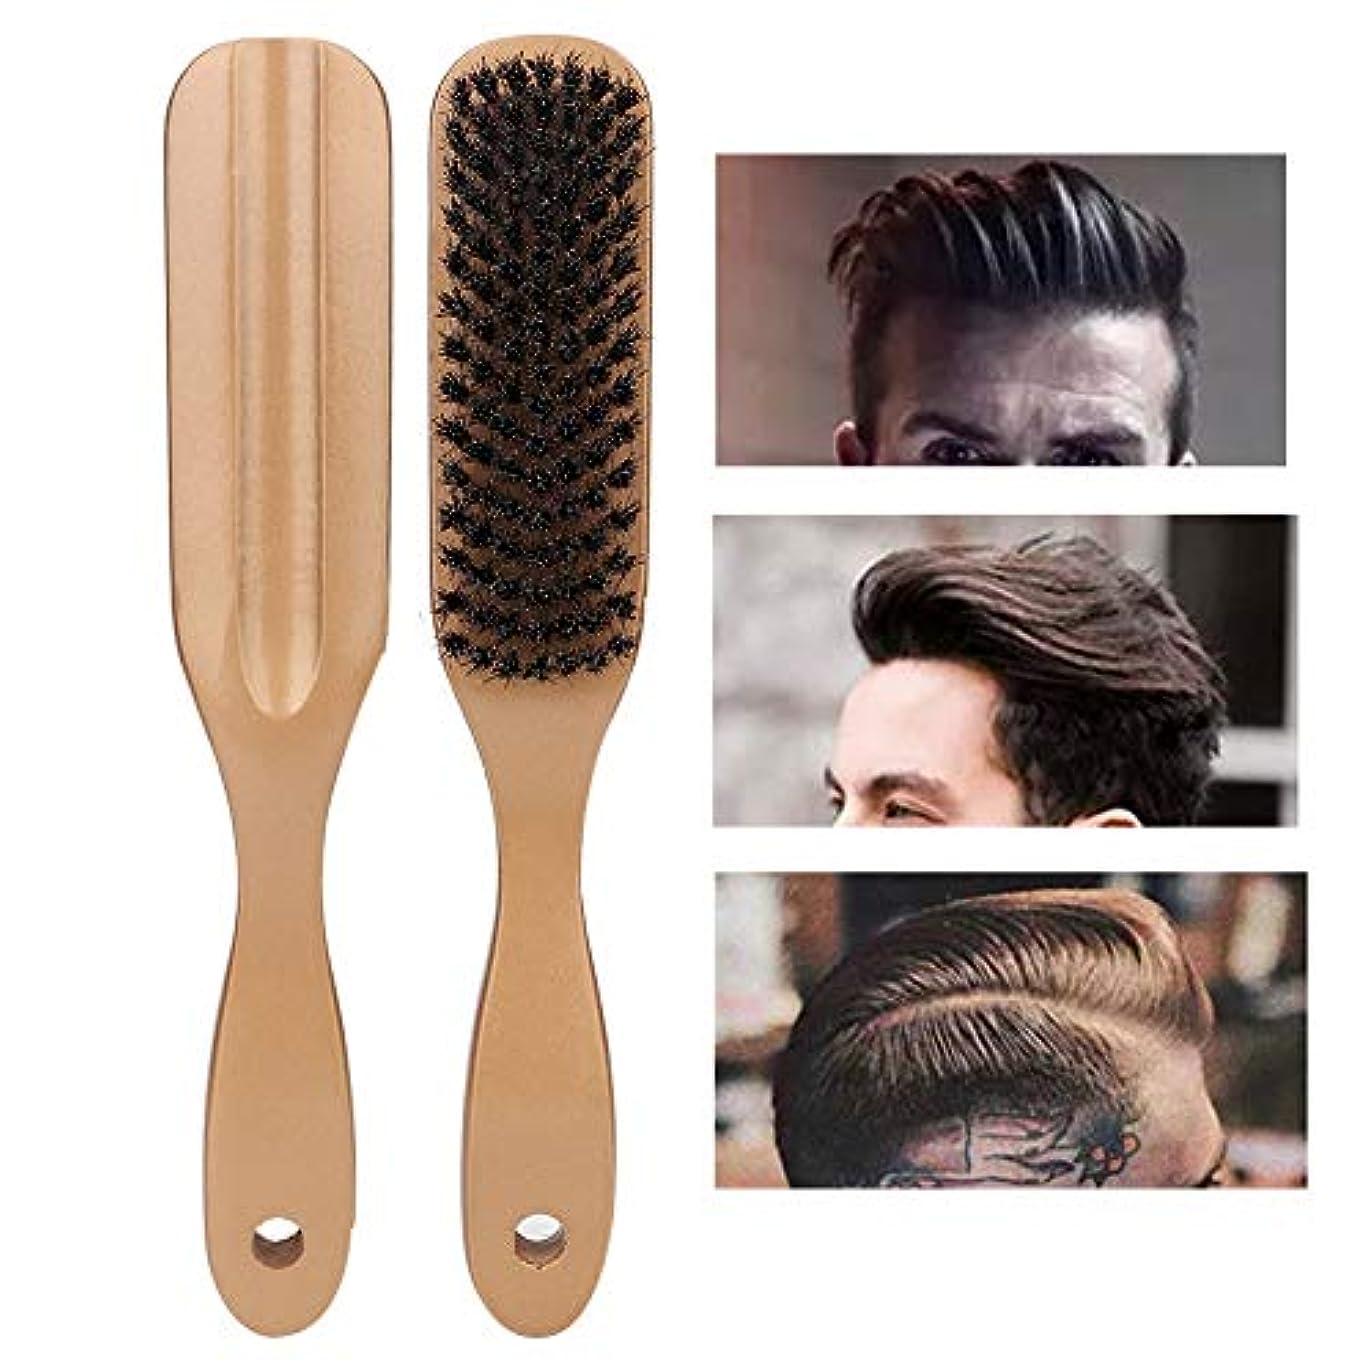 請求囚人ブランド名人のひげの櫛のブラシオイルのヘッドブラシのヘアーケア用具(ダークイエロー)